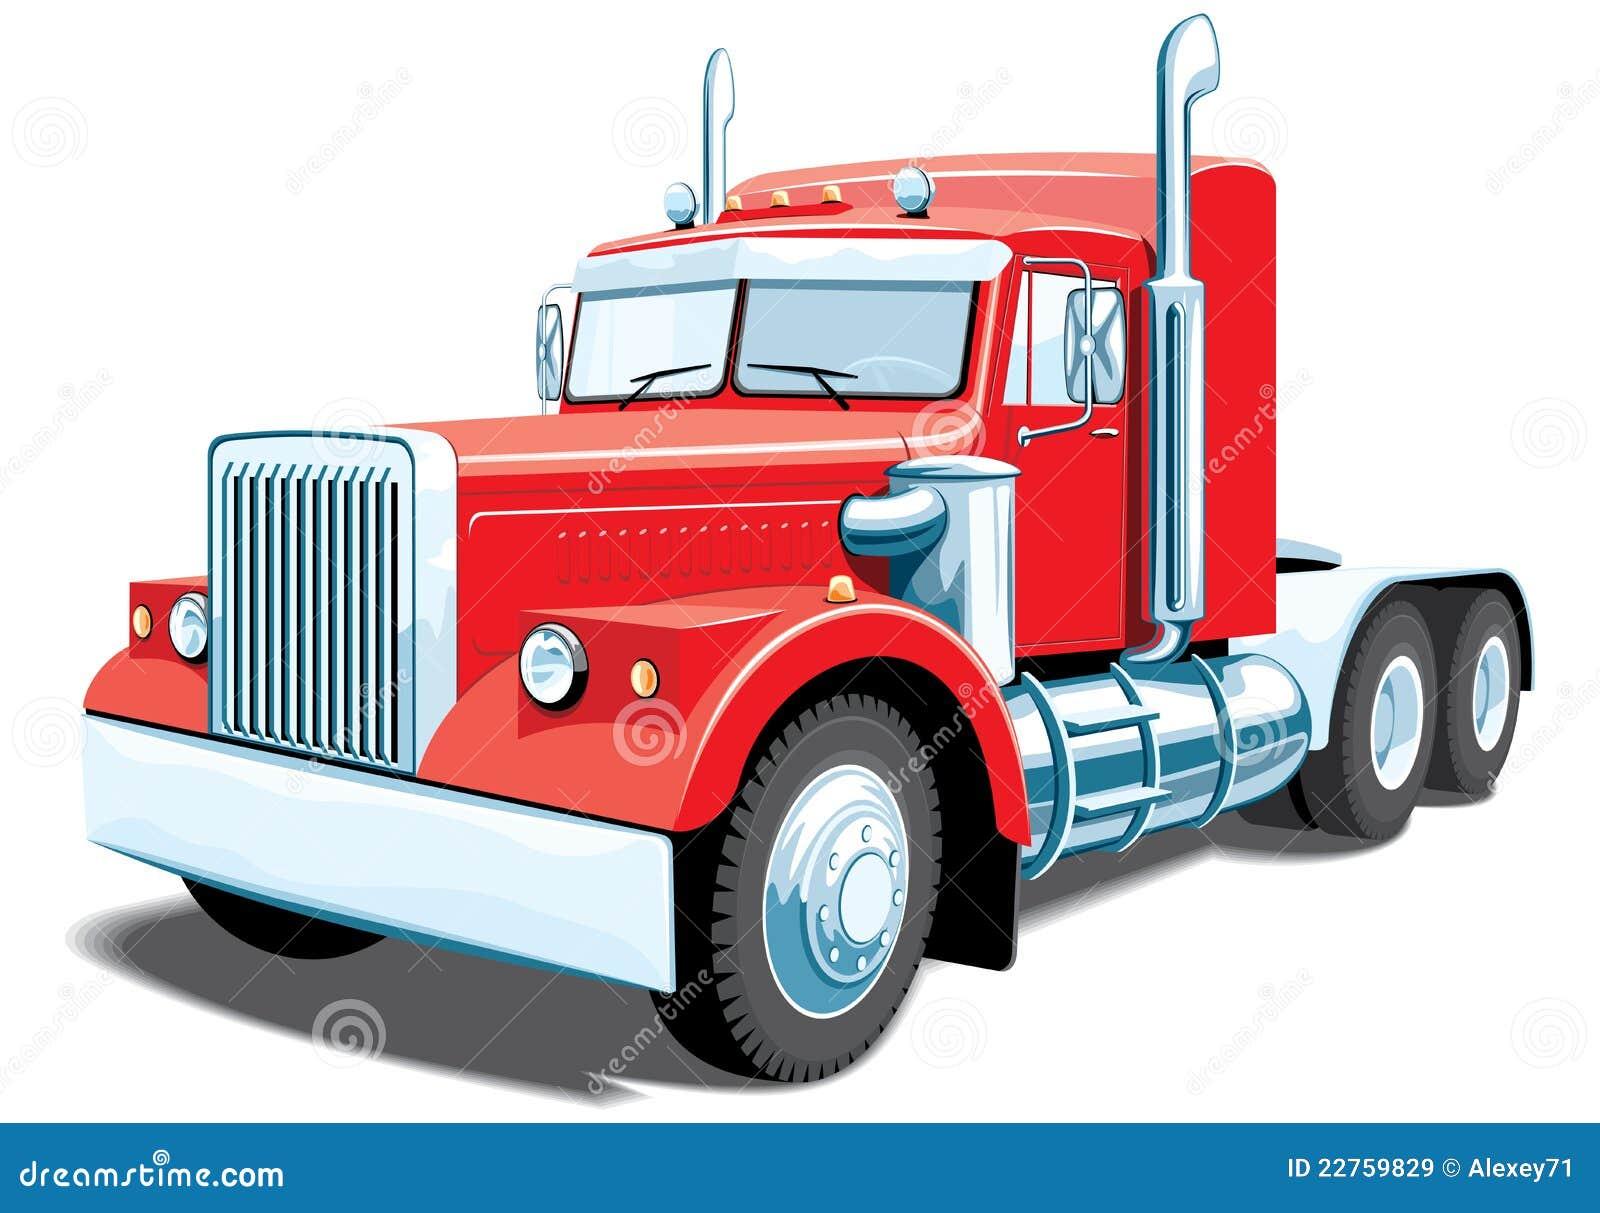 semi truck stock vector illustration of supply image 22759829 rh dreamstime com semi truck clipart black and white semi truck silhouette clip art